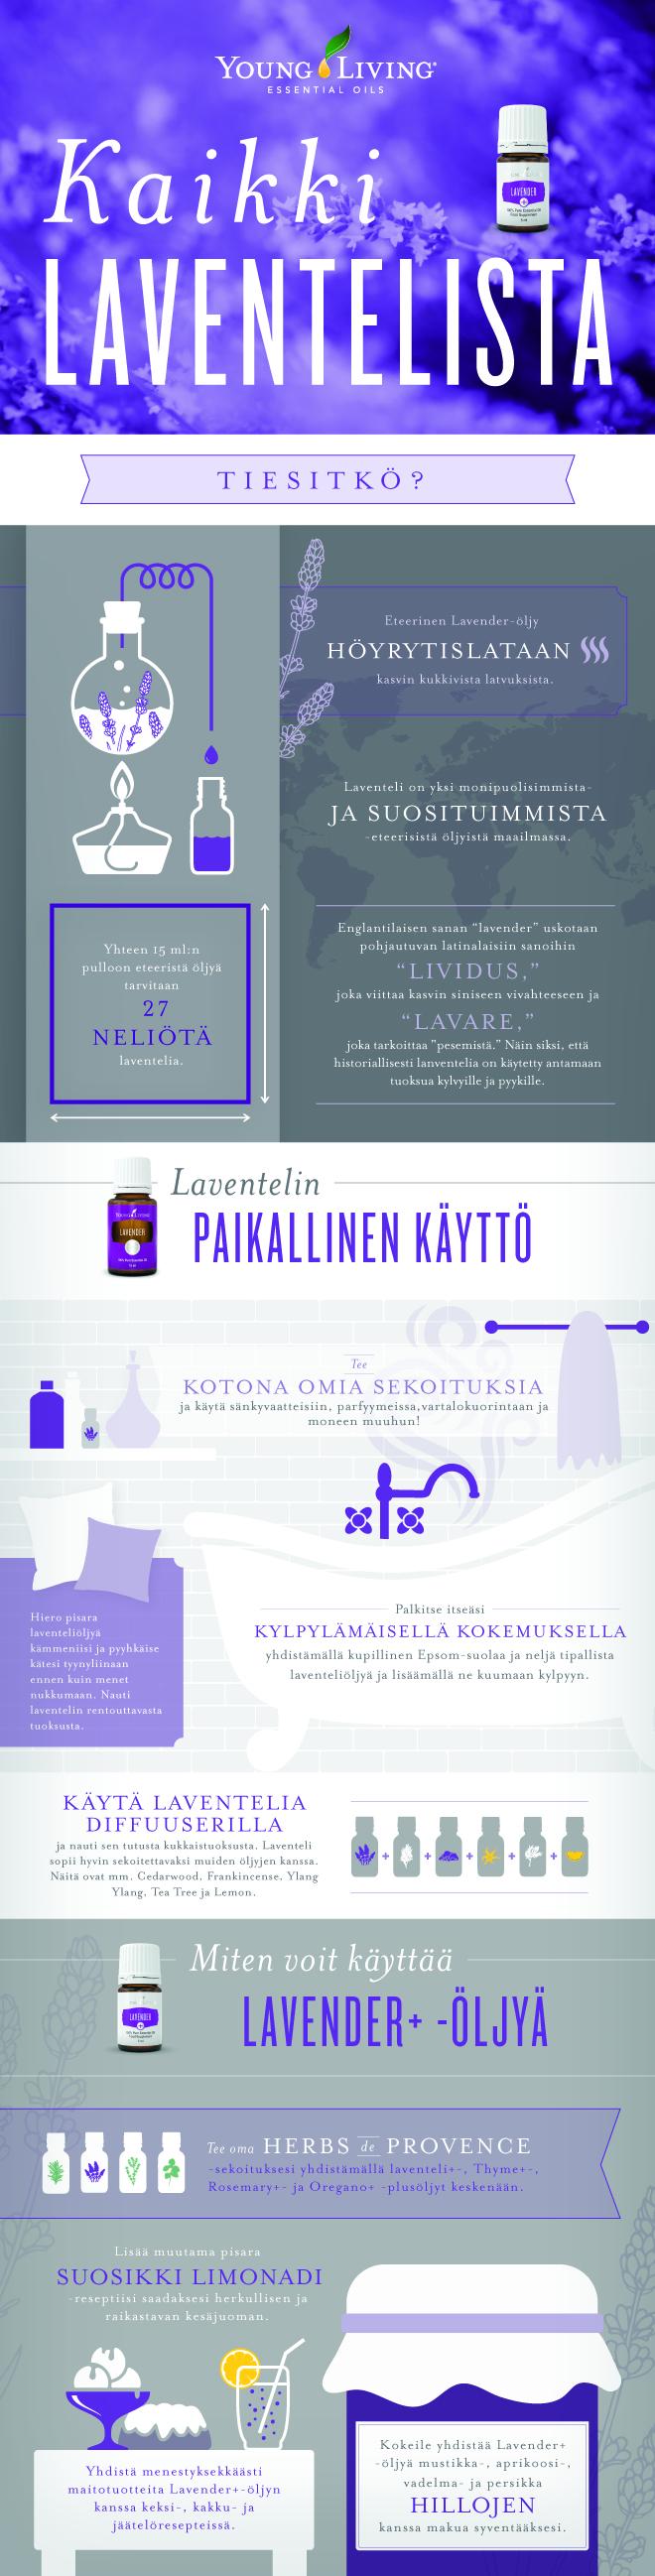 Koikki laventelista